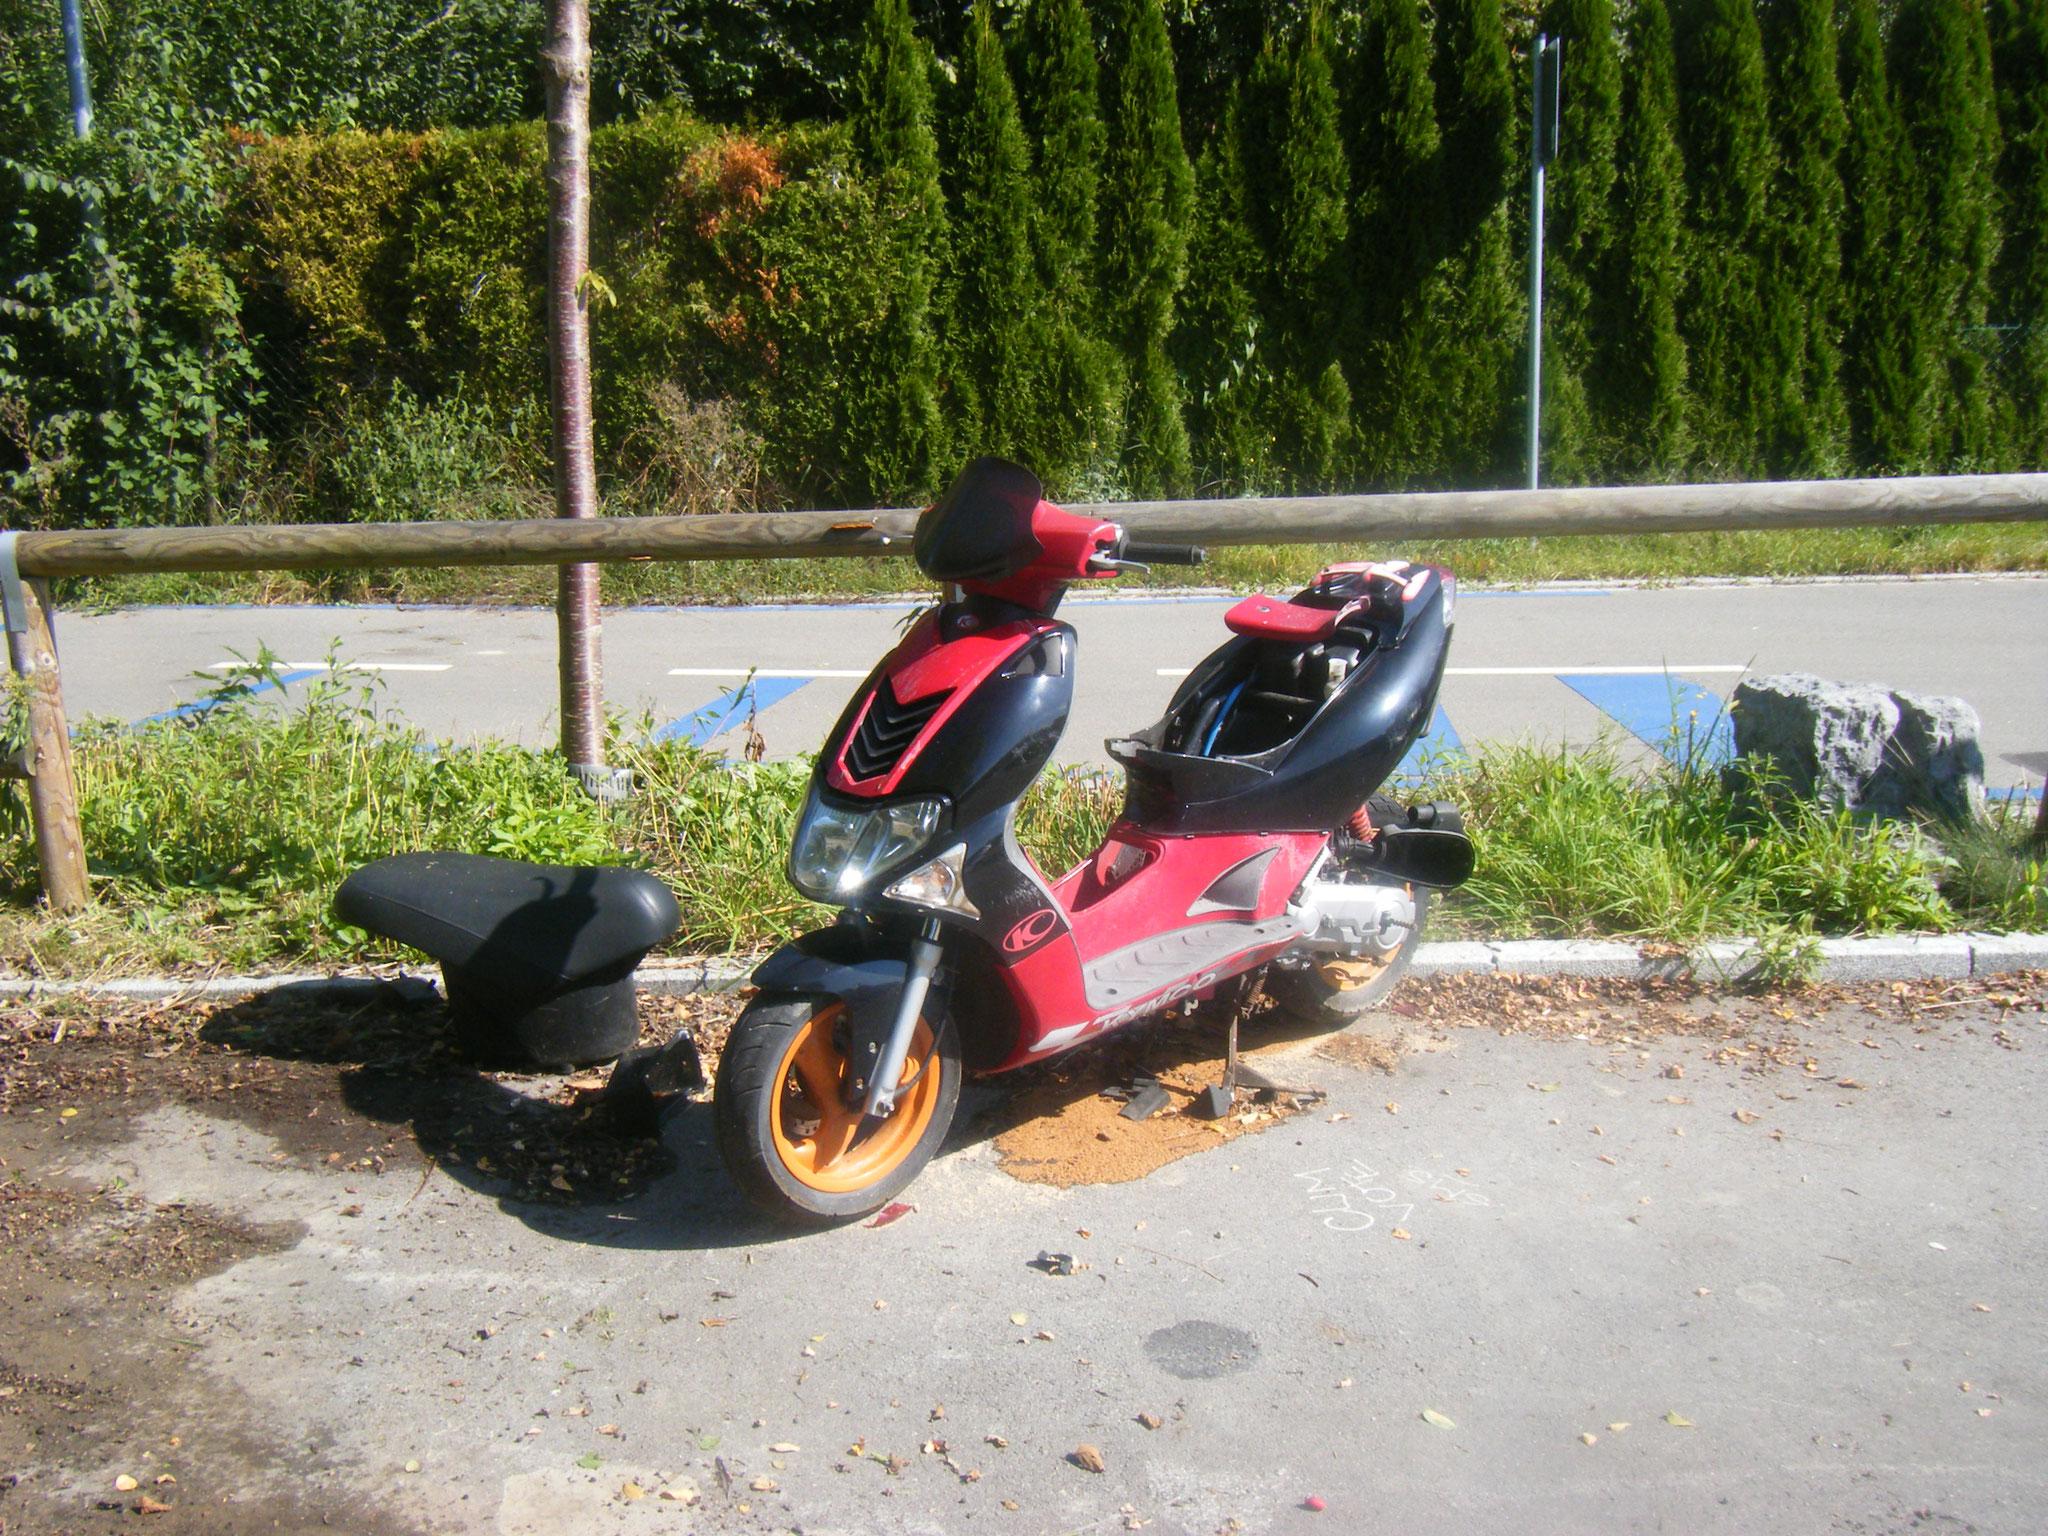 ein ausgeschlachtetes Rollerfahrzeug auf dem ZF-Parkplatz P 1 am Klostergelände